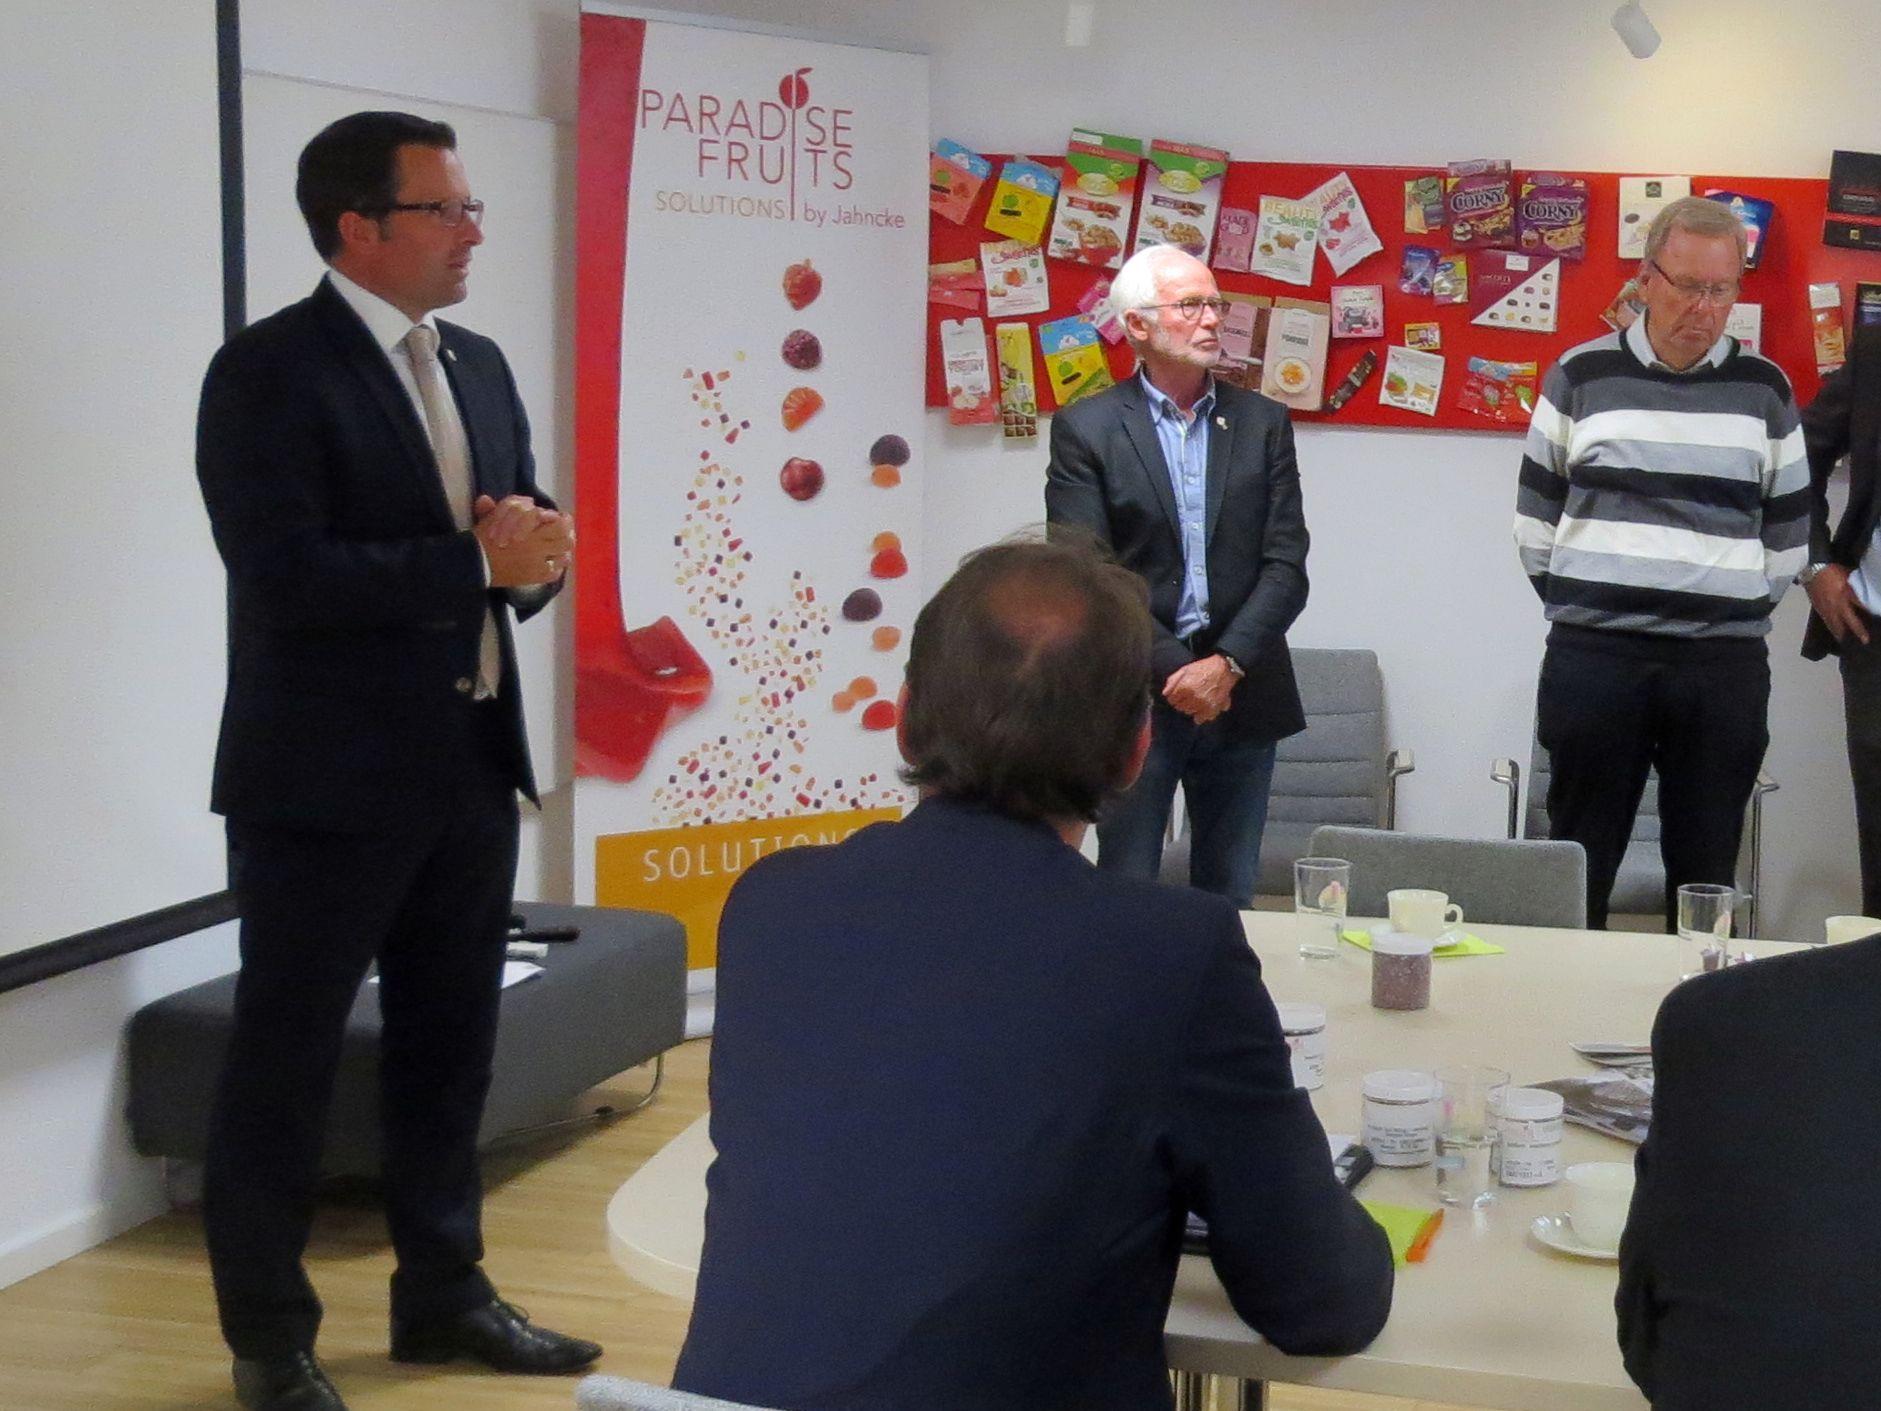 Kai Seefried MdL bedankt sich bei Firma Paradies Früchte Jahncke für die Gastfreundschaft